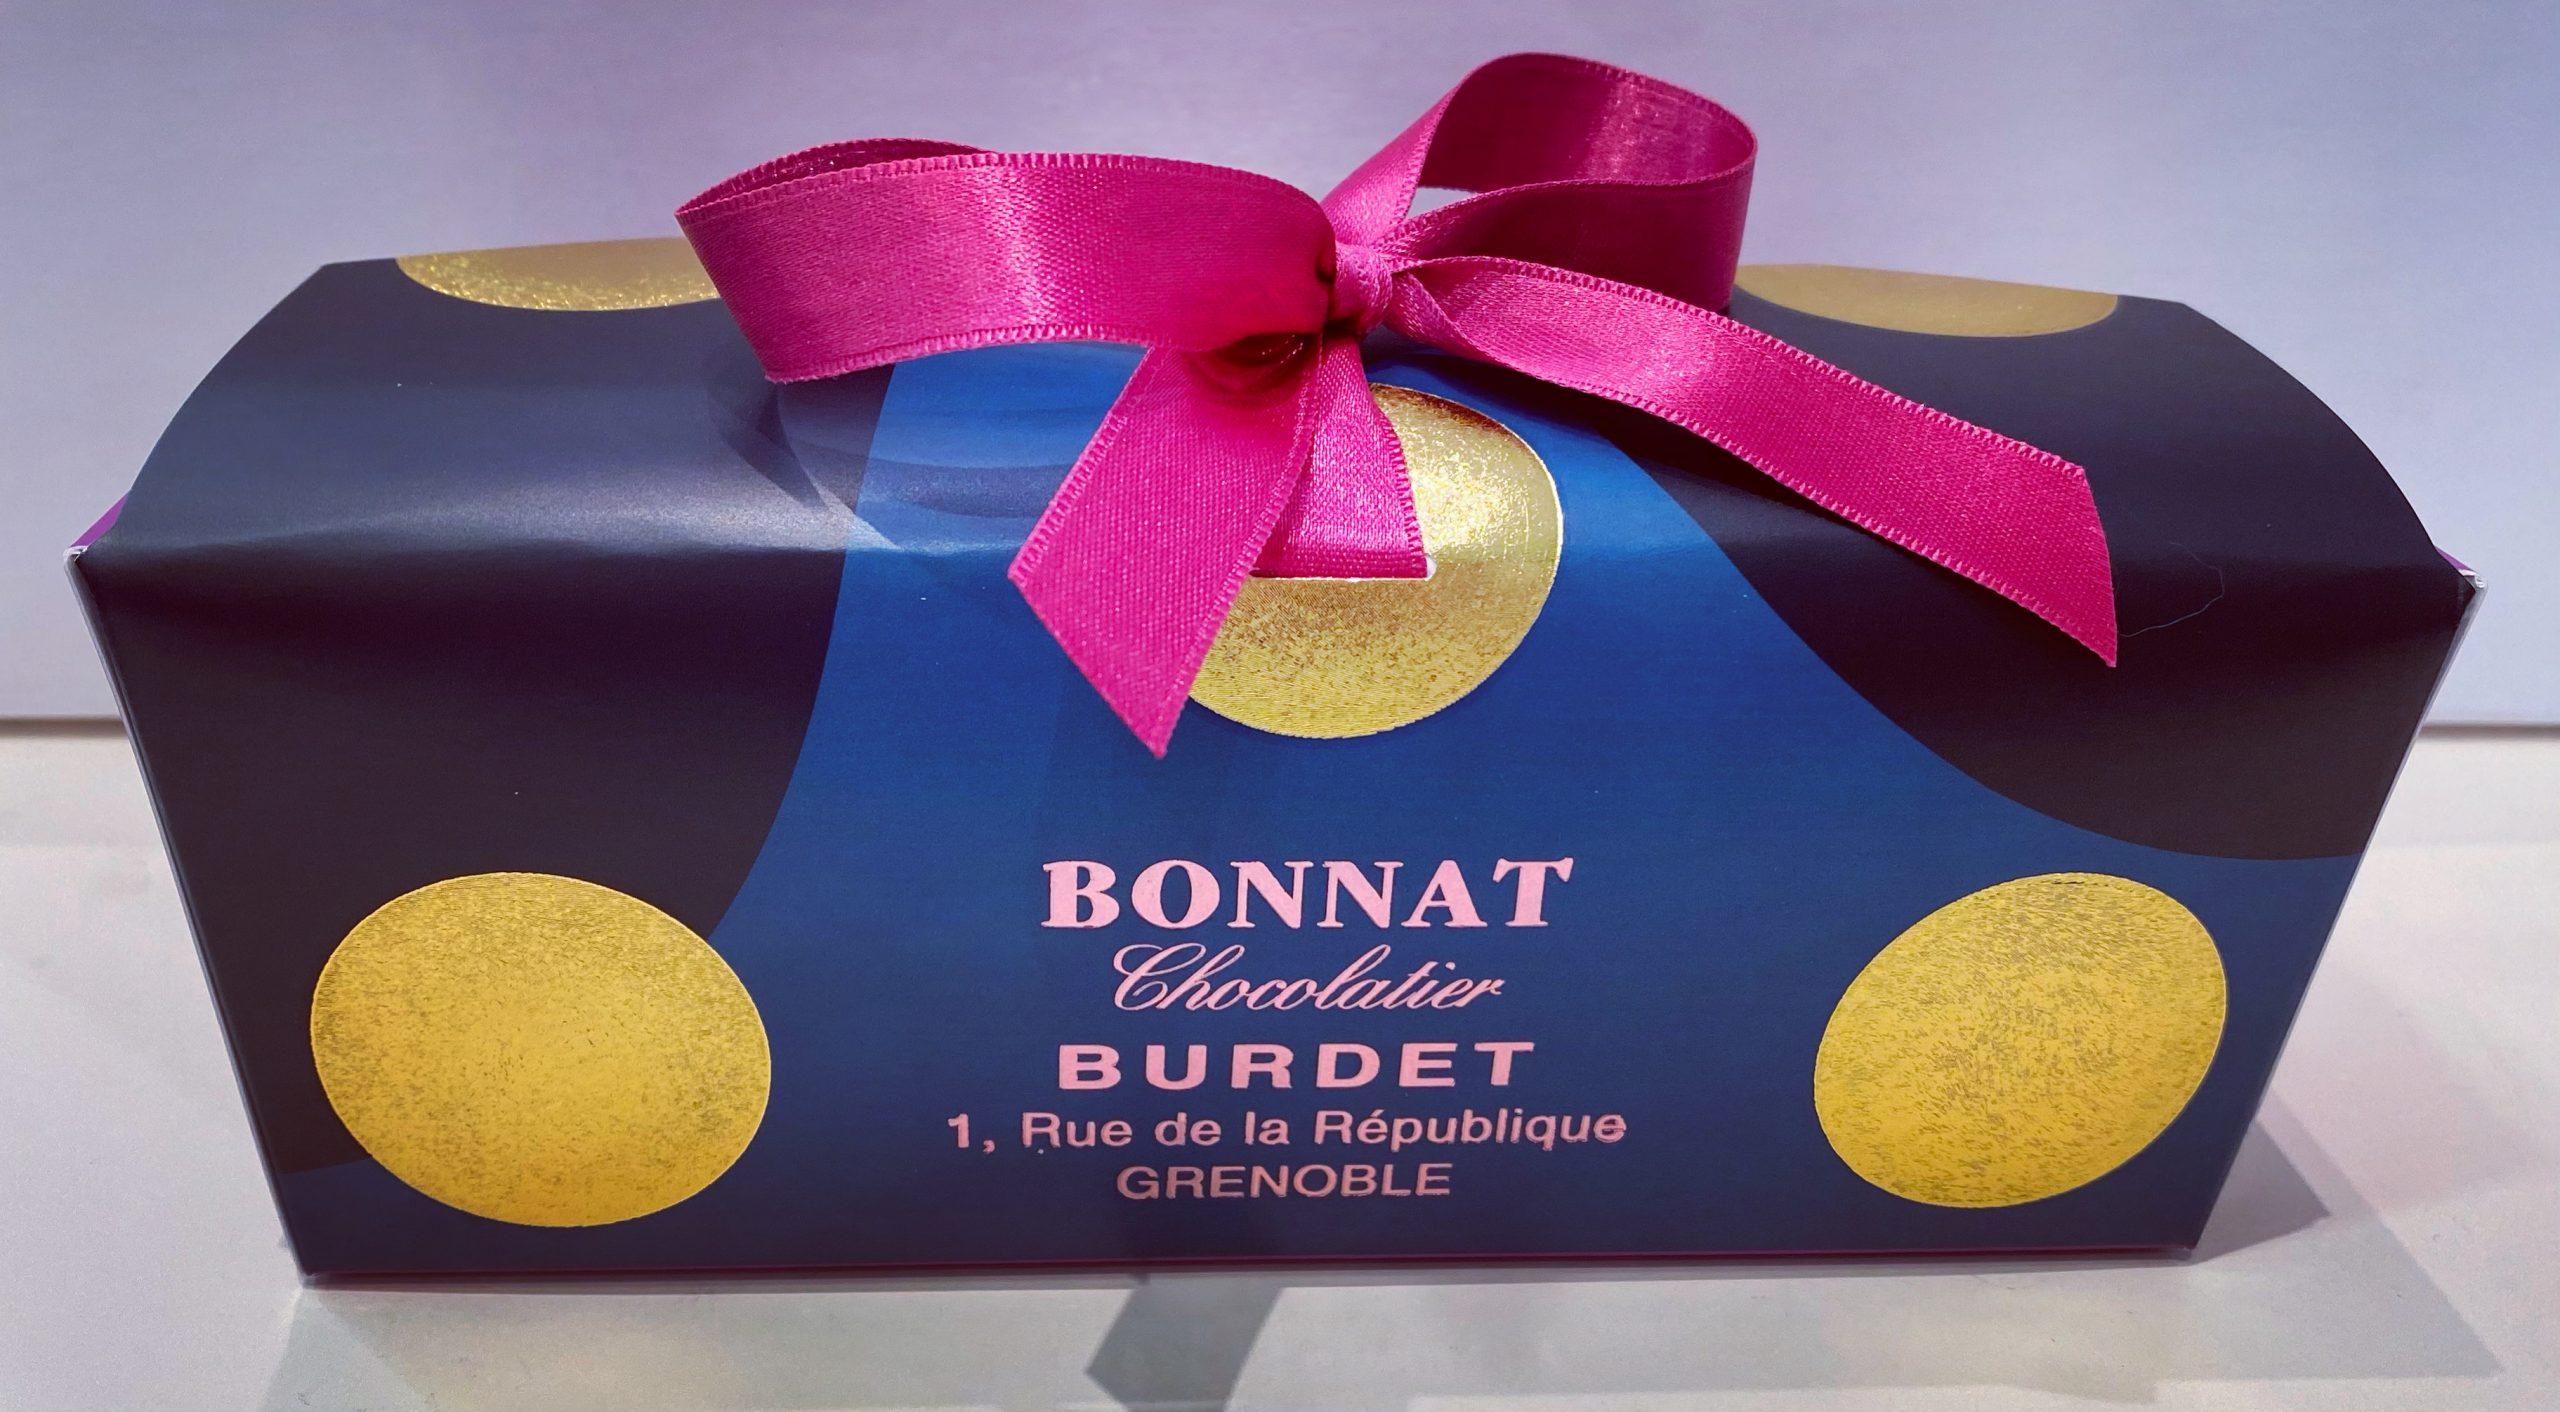 Ballotin de chocolats assortis Bonnat